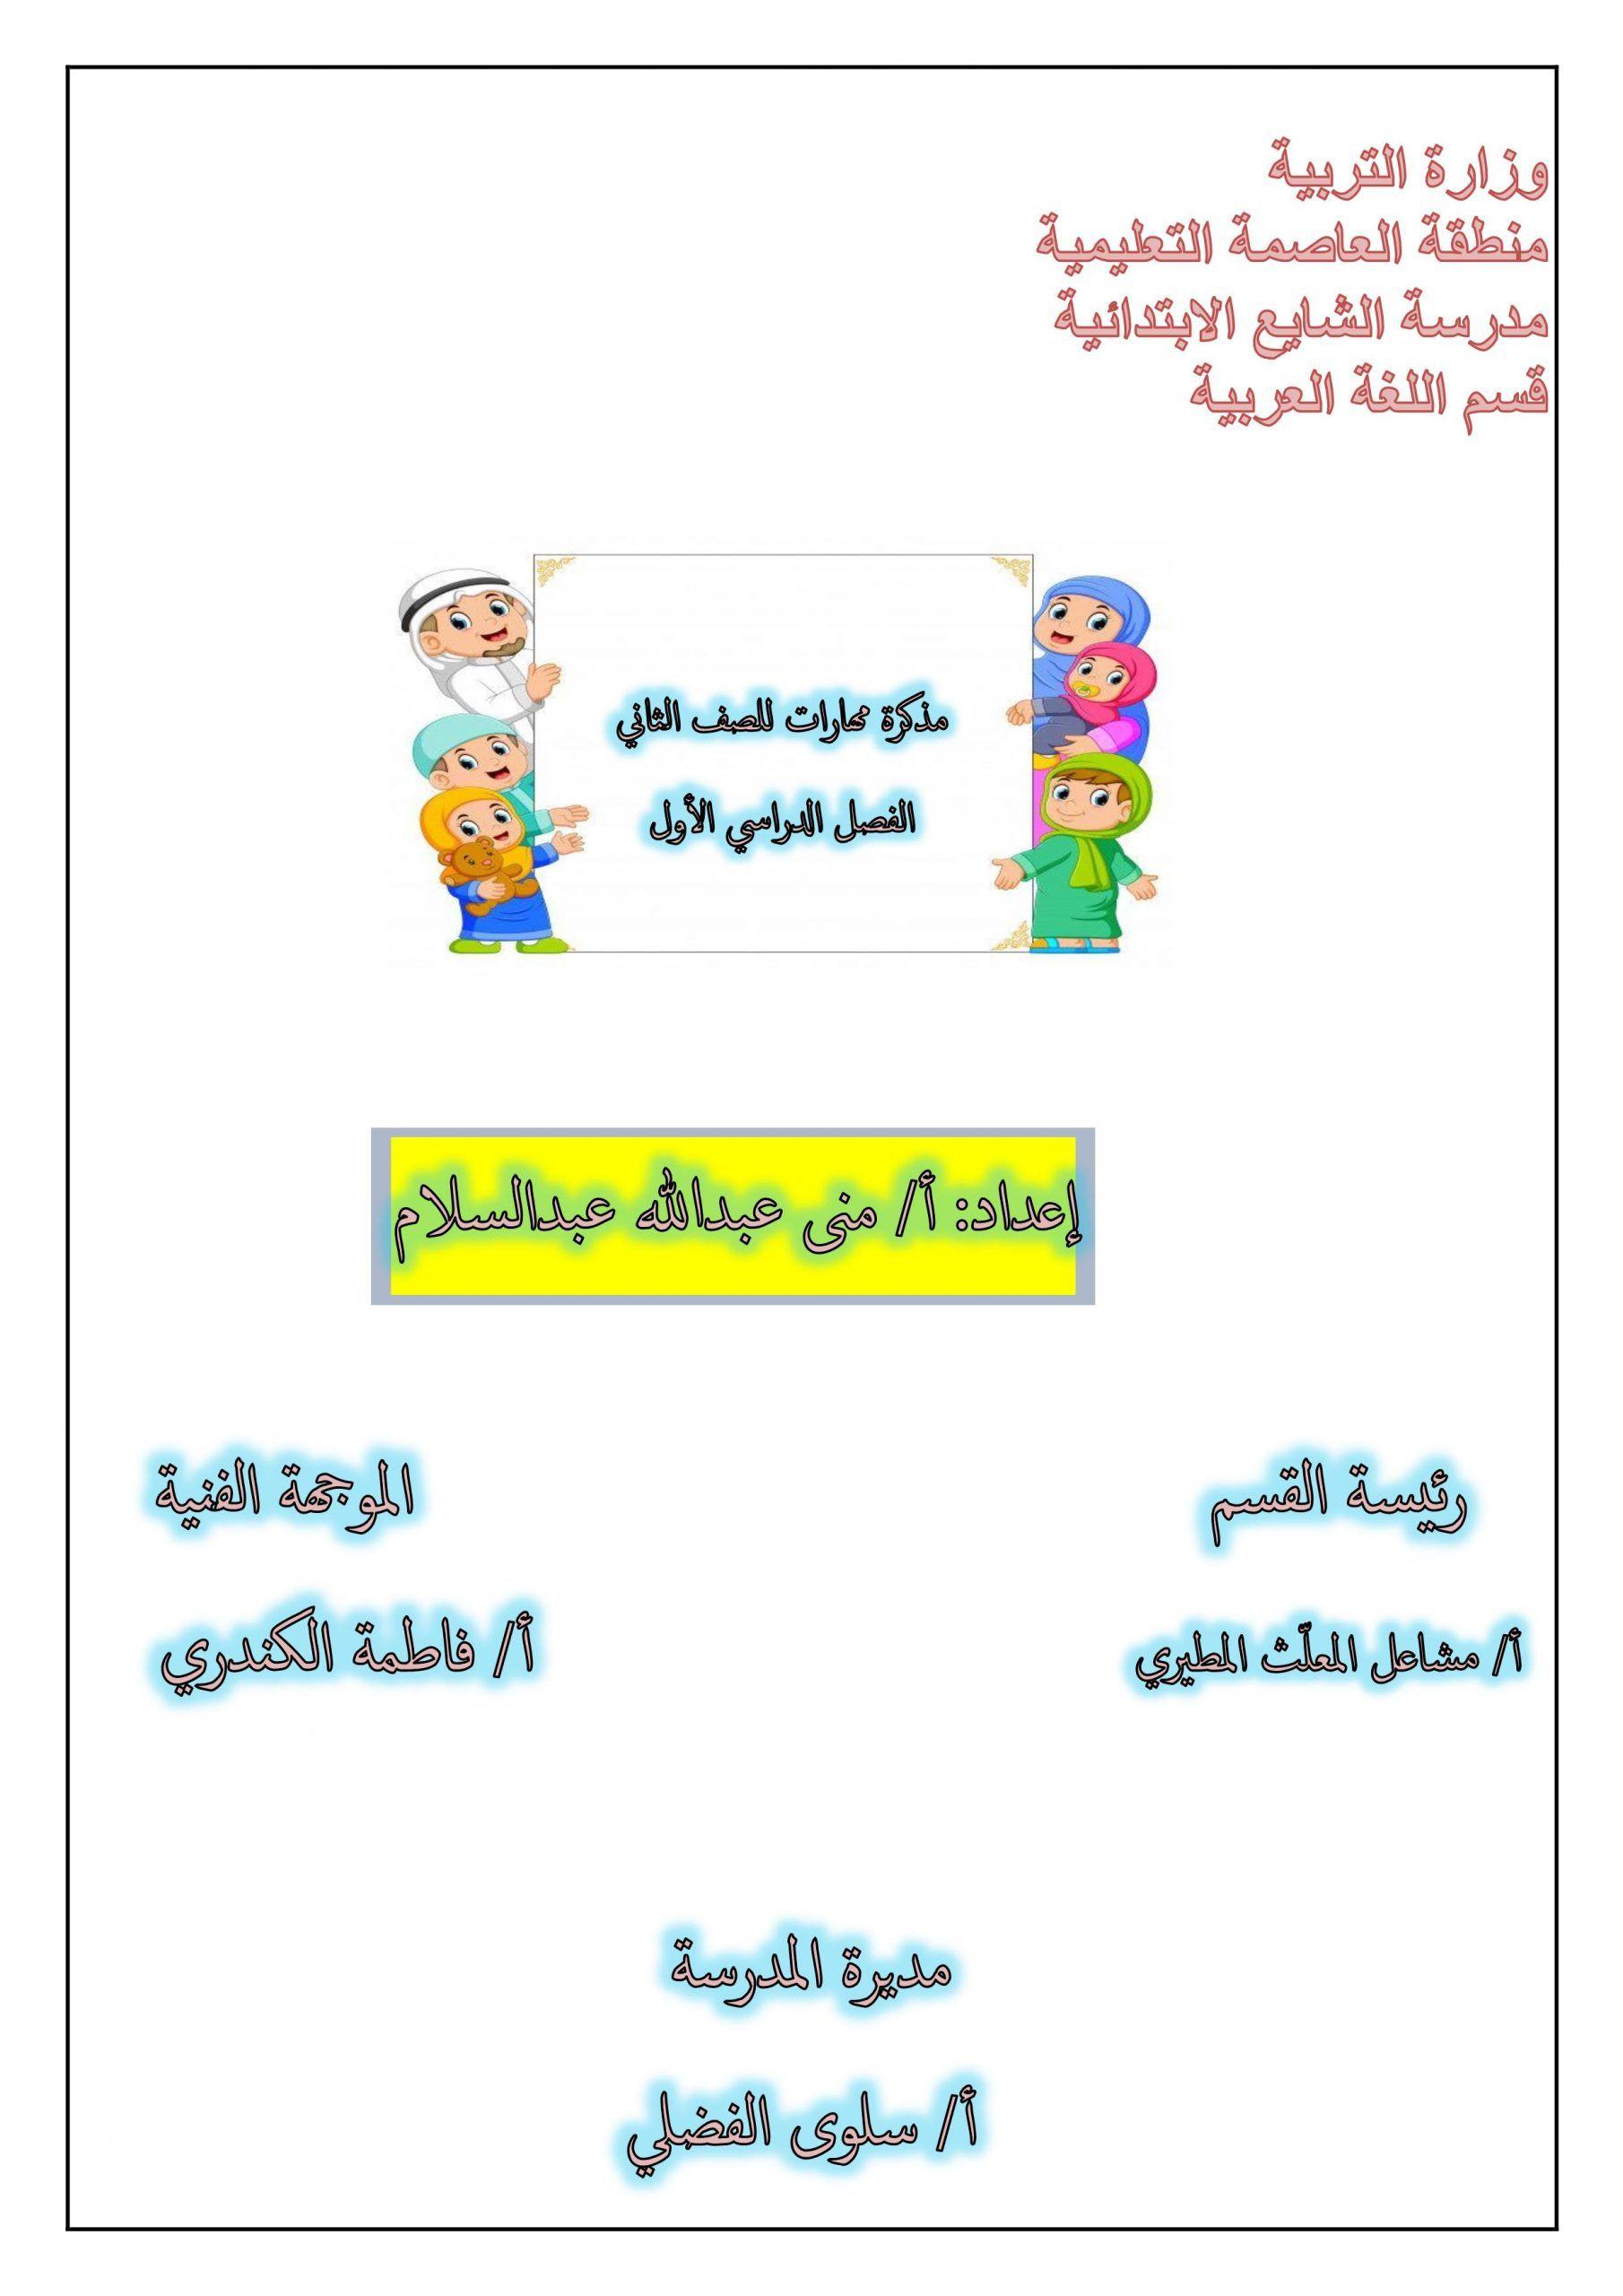 مذكرة مهارات متنوعة و اوراق عمل للصف الثاني مادة اللغة العربية Airline